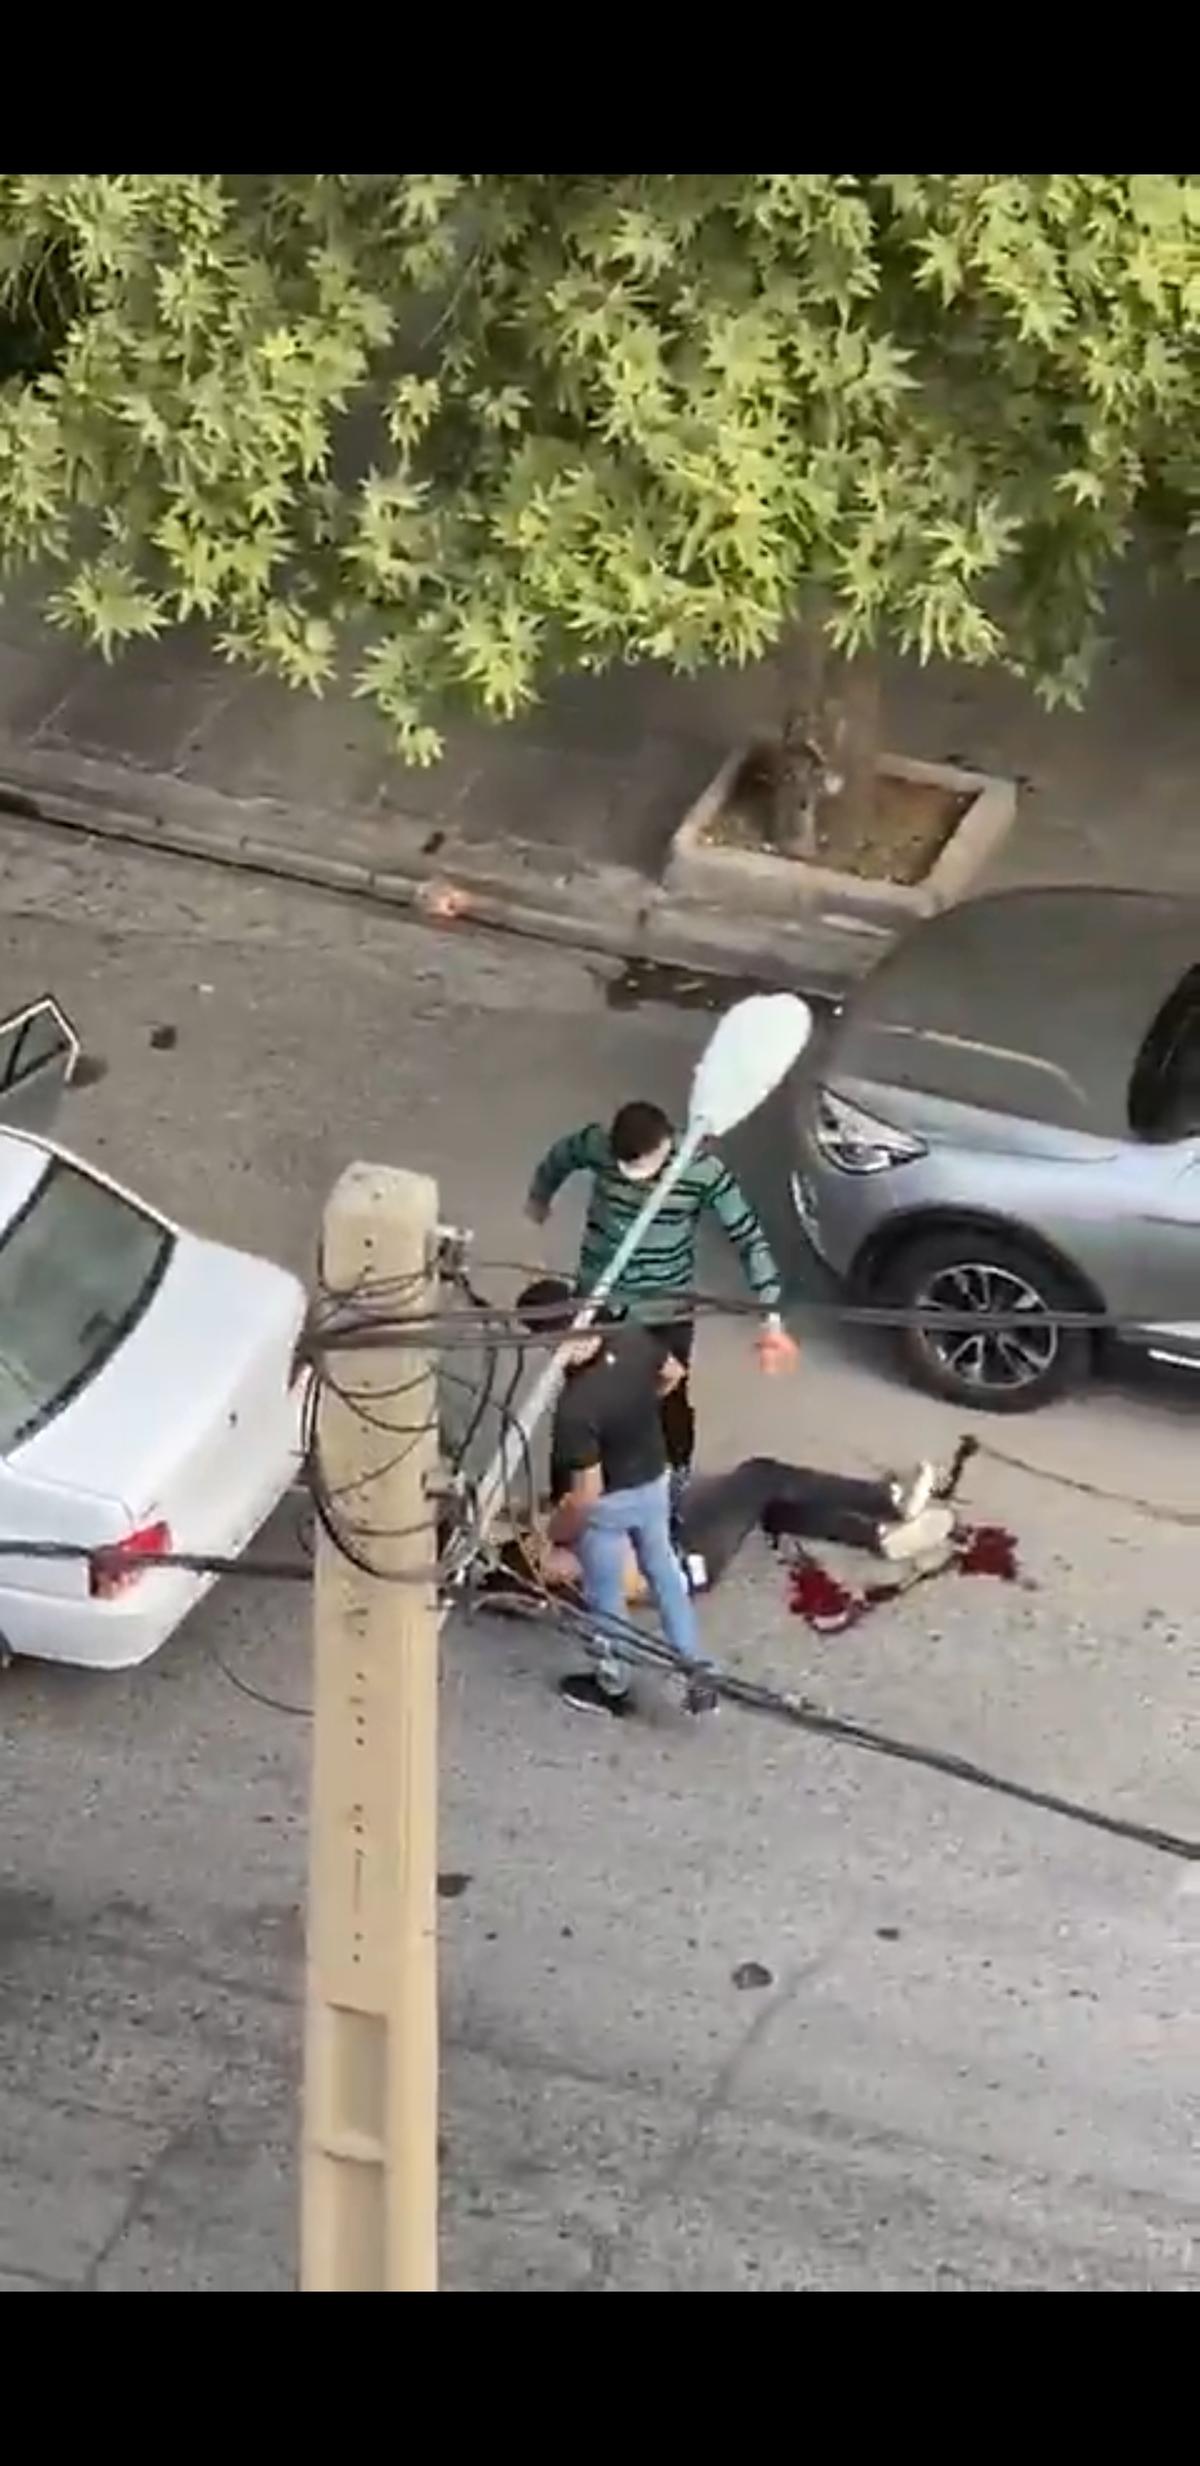 تیراندازی در سعادت آباد به خاطر یک دختر! + ویدئو